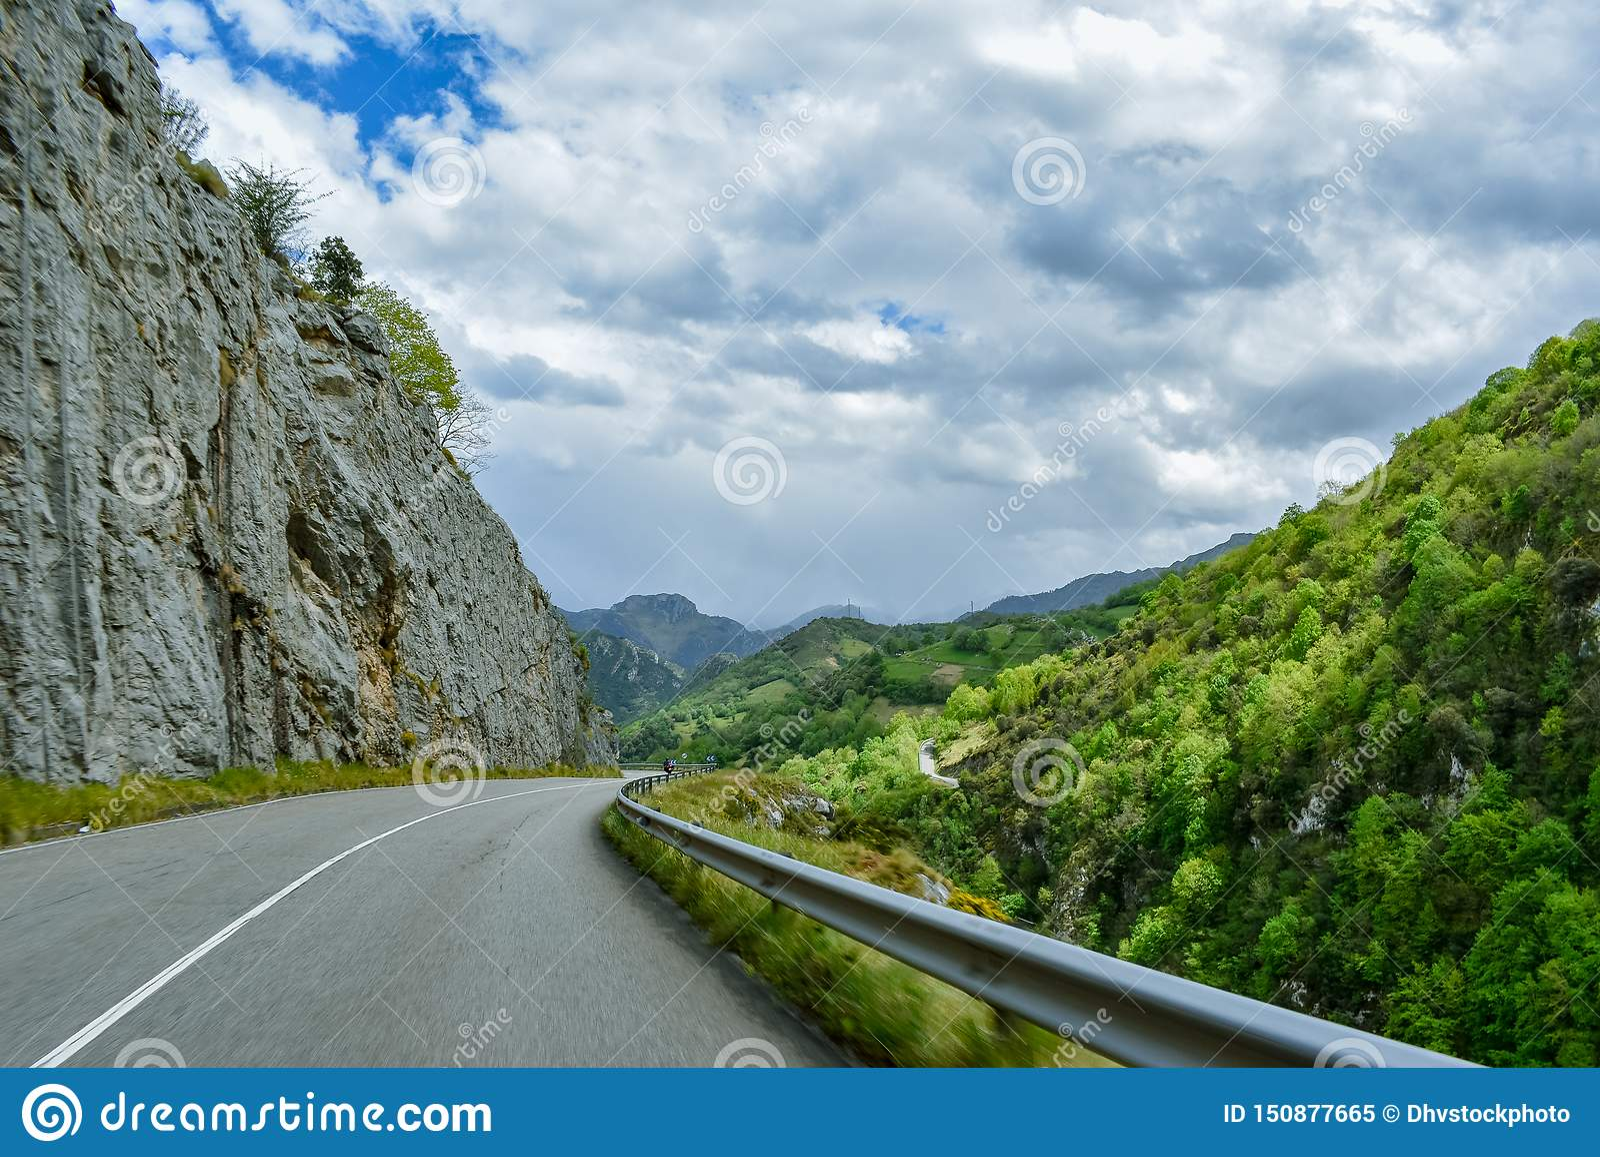 Auto-Geschwindigkeitsempfindung auf einer Gebirgsstraße, Asturien